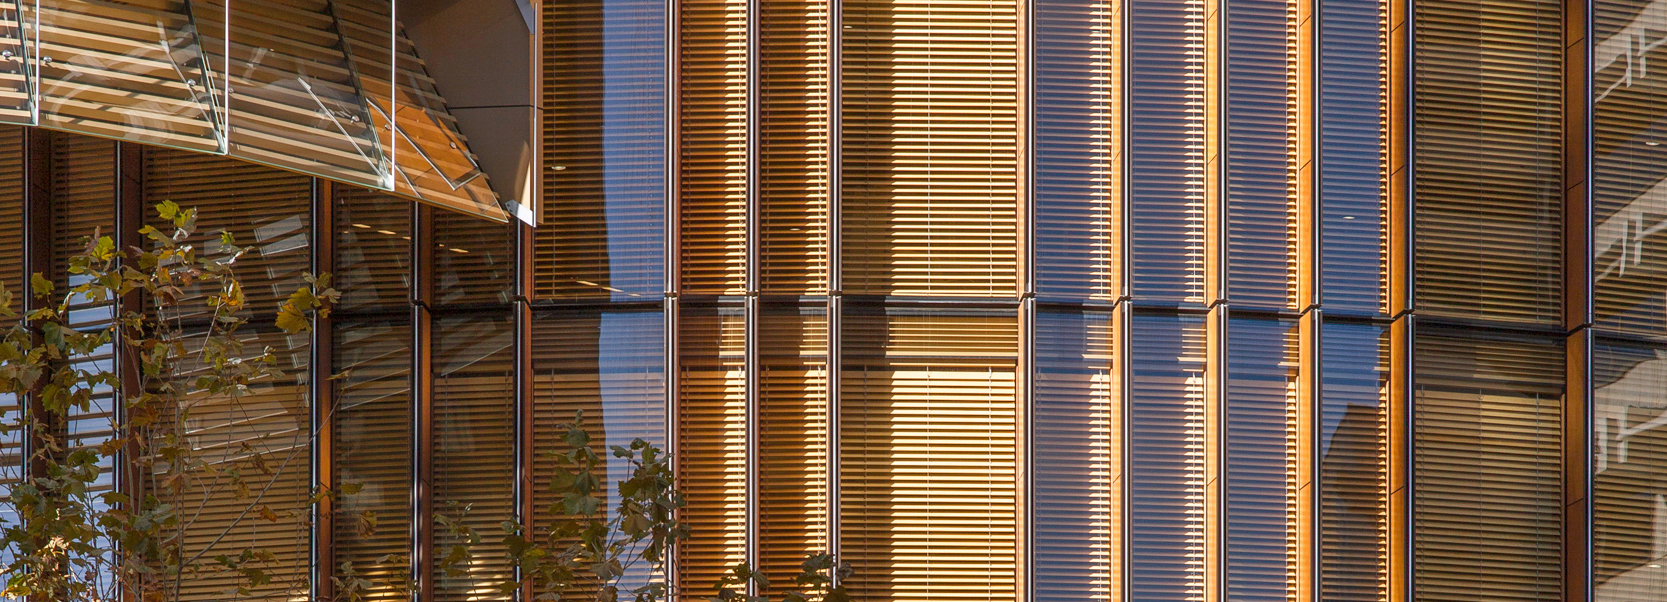 Fjmt Studios Kinetic Tower Of Wood Transcends Grey